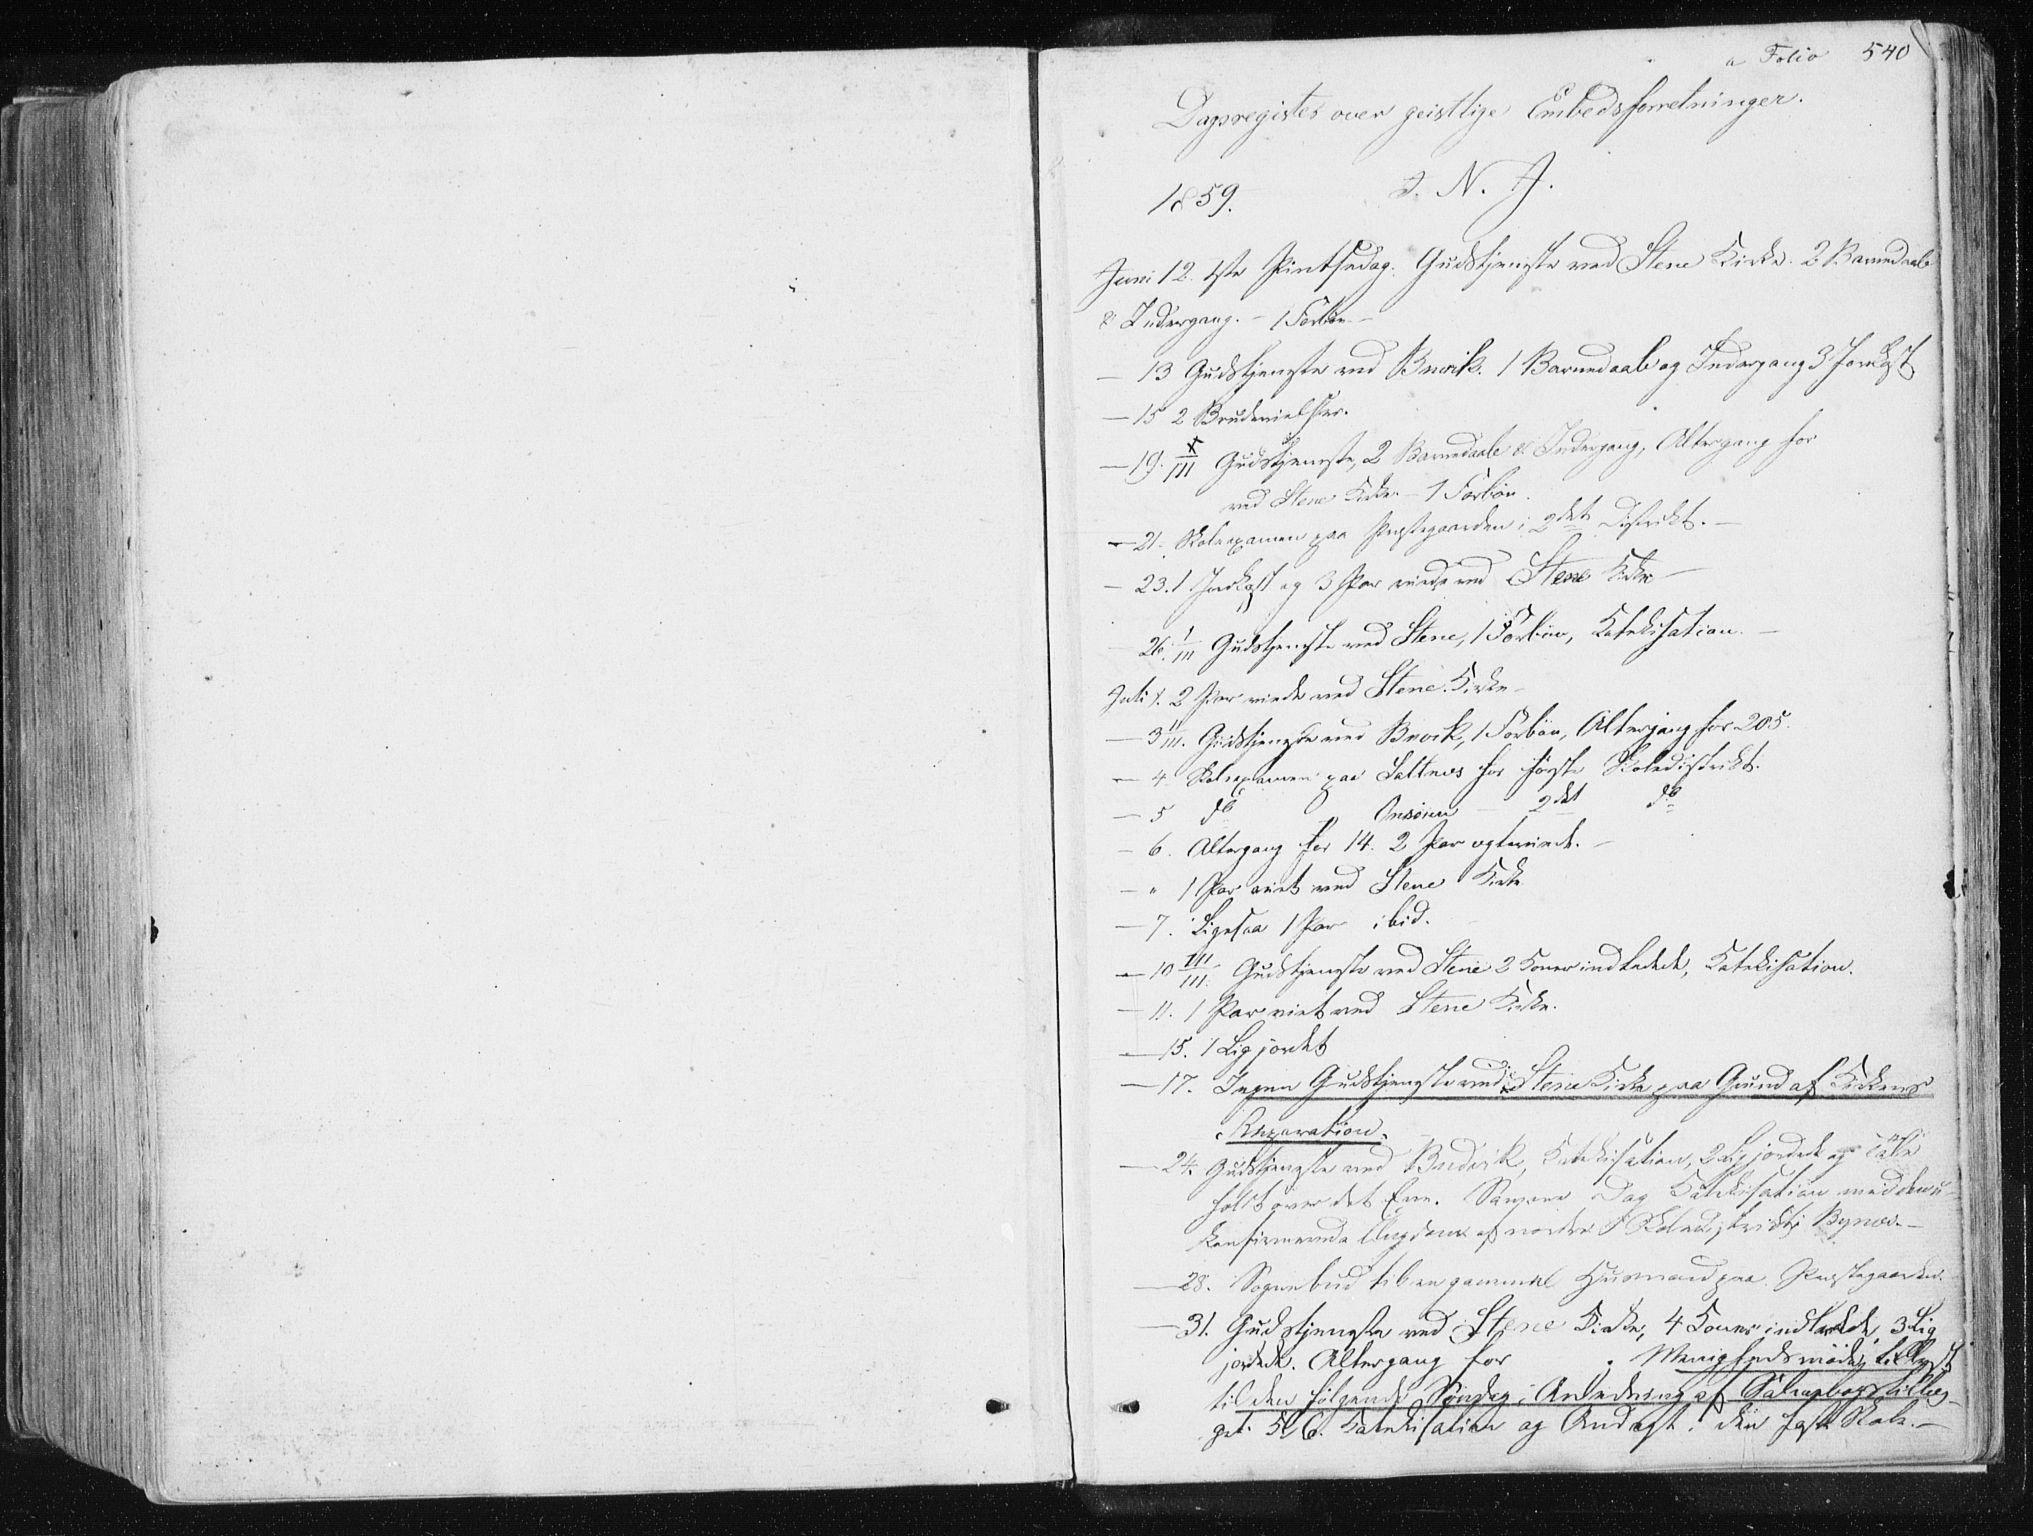 SAT, Ministerialprotokoller, klokkerbøker og fødselsregistre - Sør-Trøndelag, 612/L0377: Ministerialbok nr. 612A09, 1859-1877, s. 540